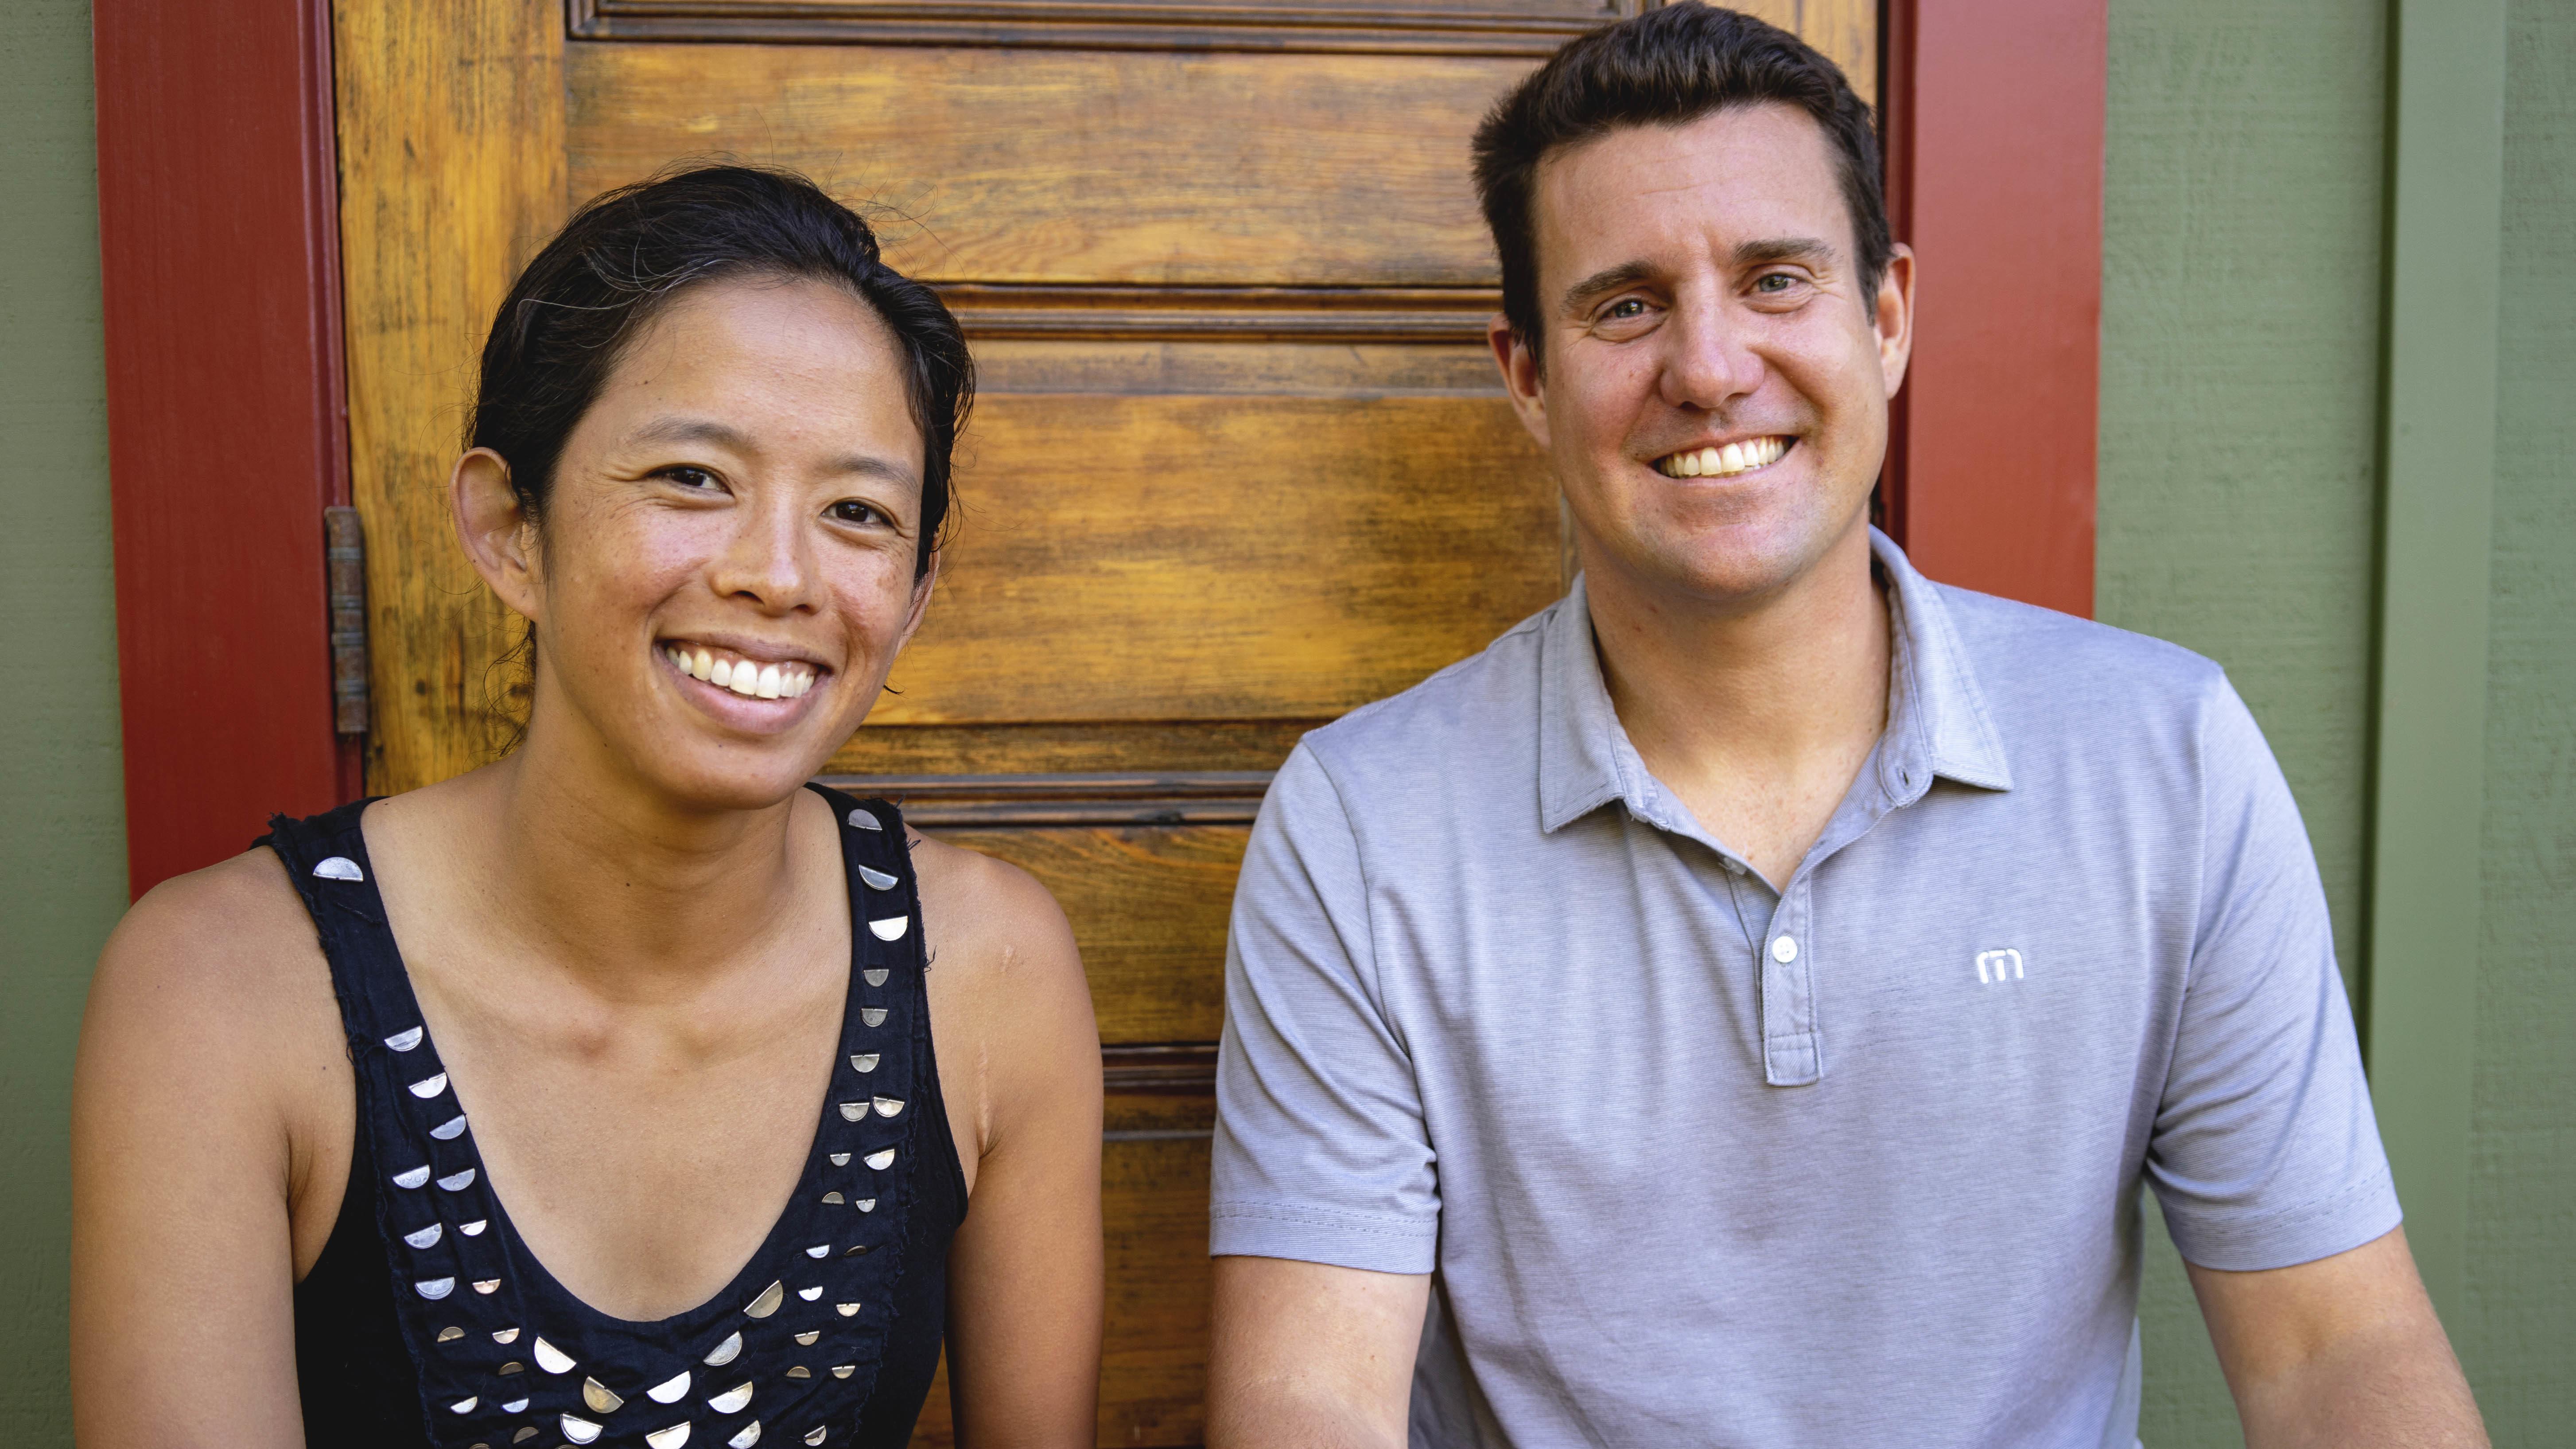 Kara Meyberg Guzman and Stephen Baxter